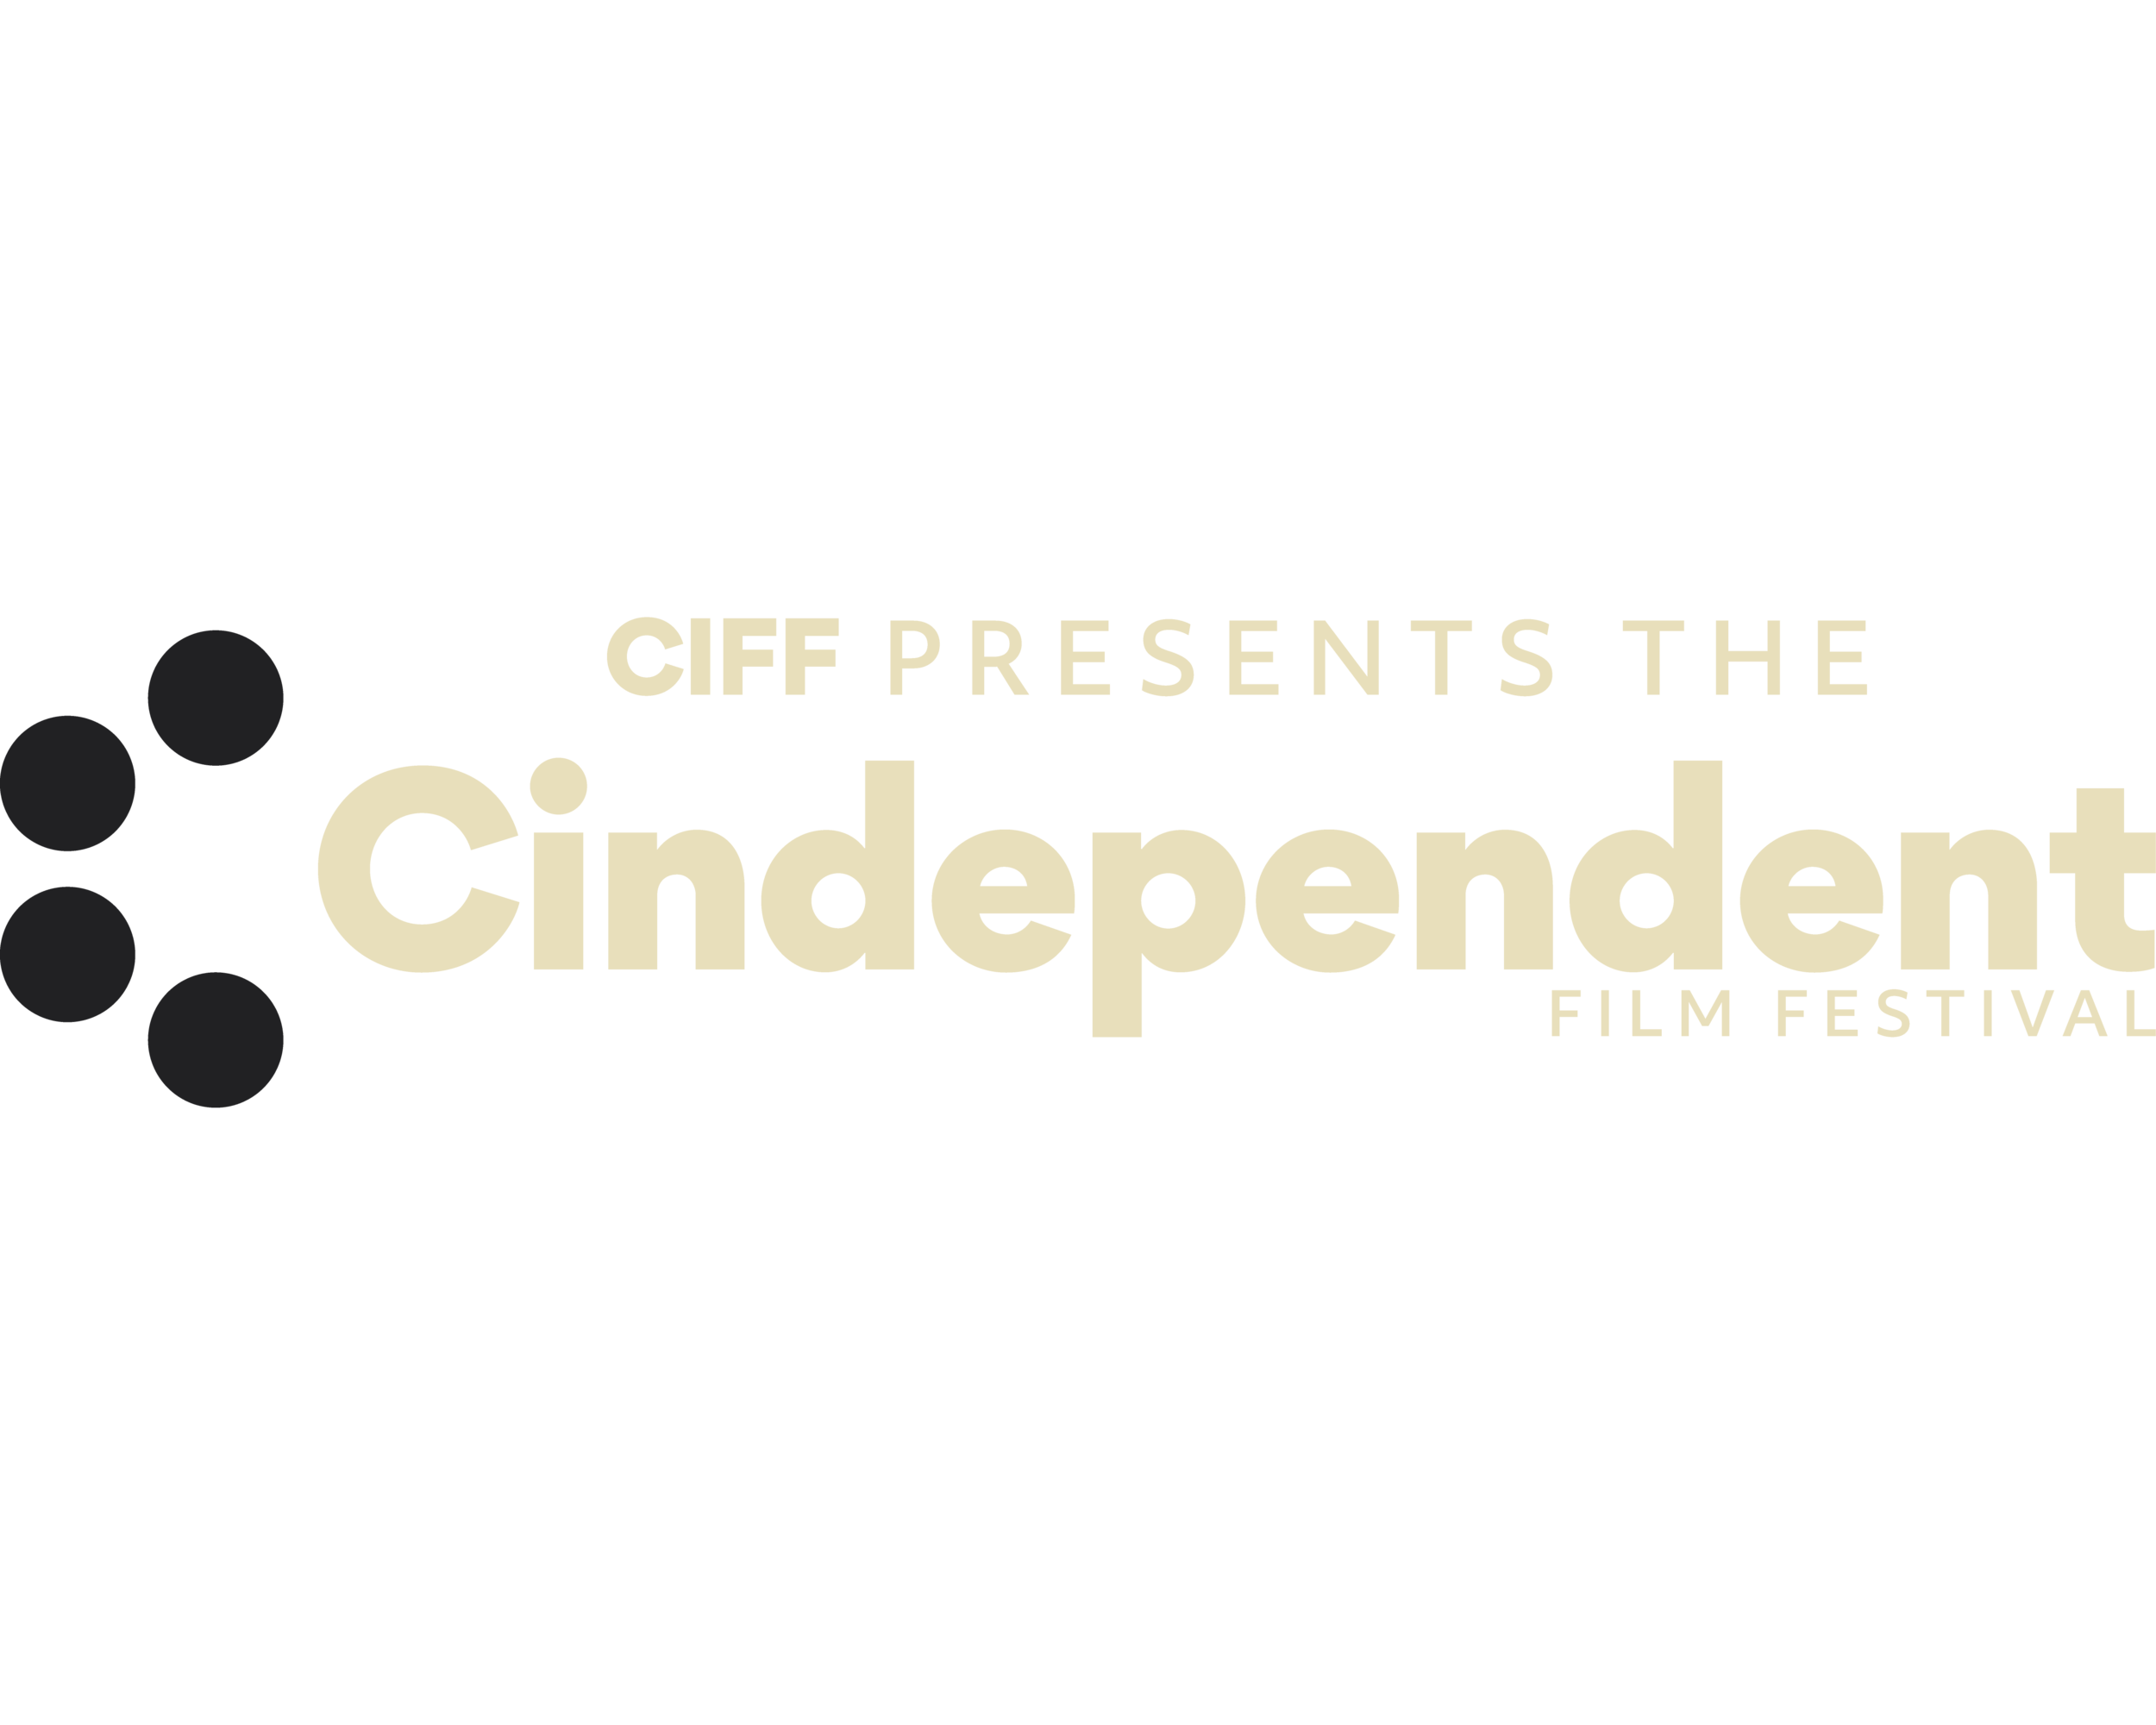 ciff_presents_2018.png